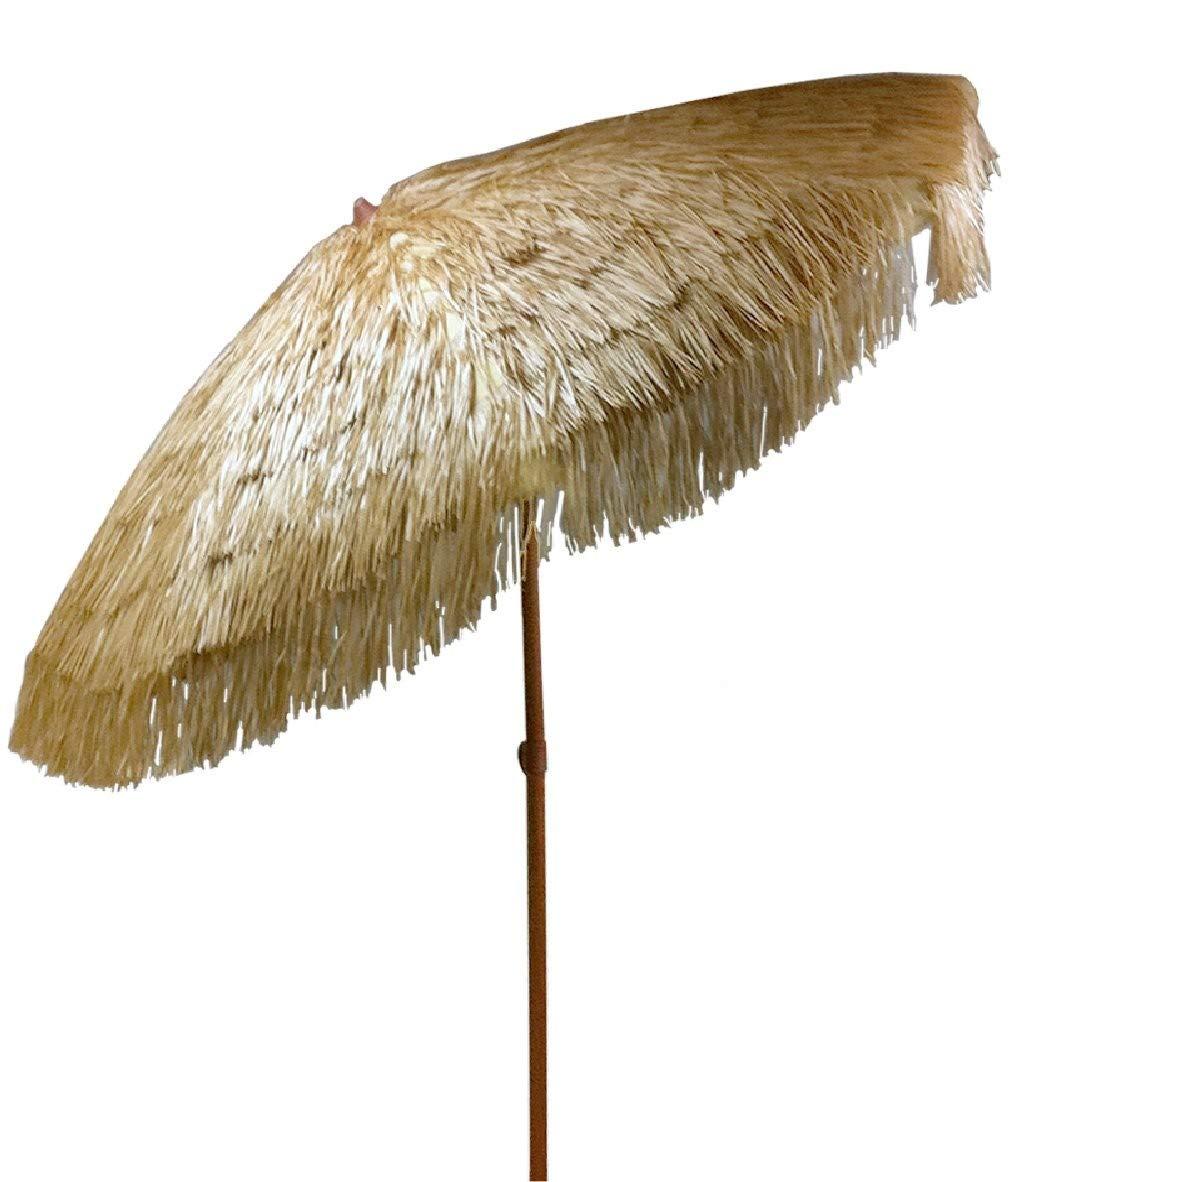 Bayside21 Tiki Umbrella 8' Thatch Patio Umbrella Tropical Palapa Raffia Tiki Hut Hawaiian Hula Beach Umbrella with tilt and Fabric Bag (8ft Tilt, Natural)